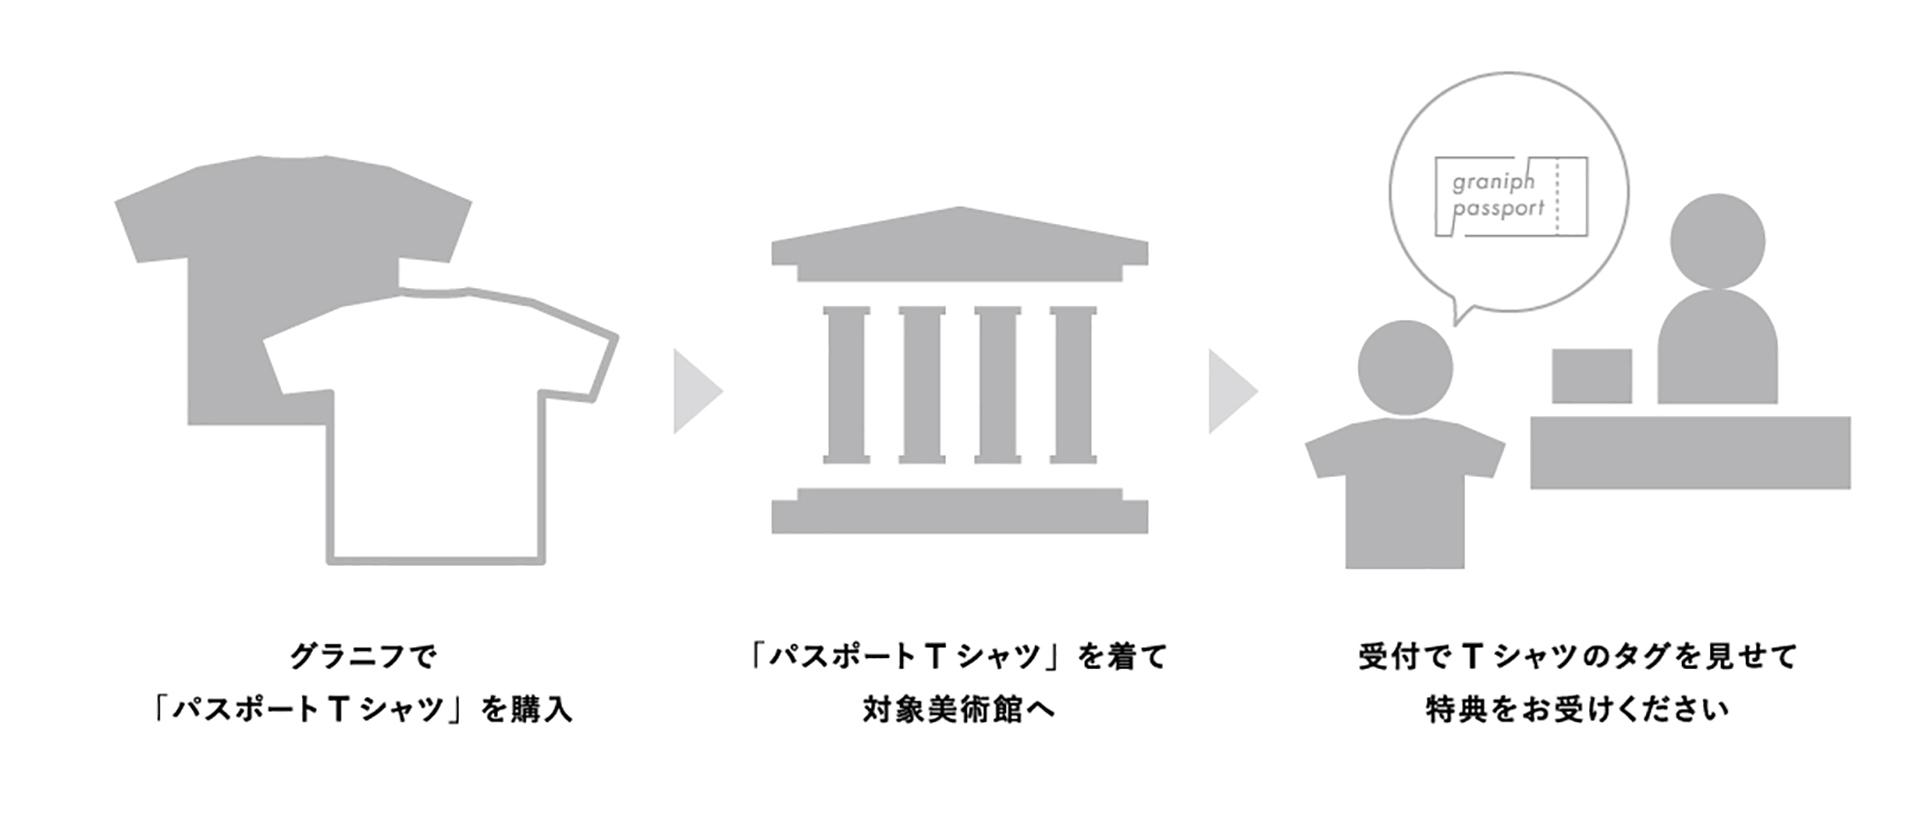 グラニフ「美術館に行こう」「パスポートTシャツ」